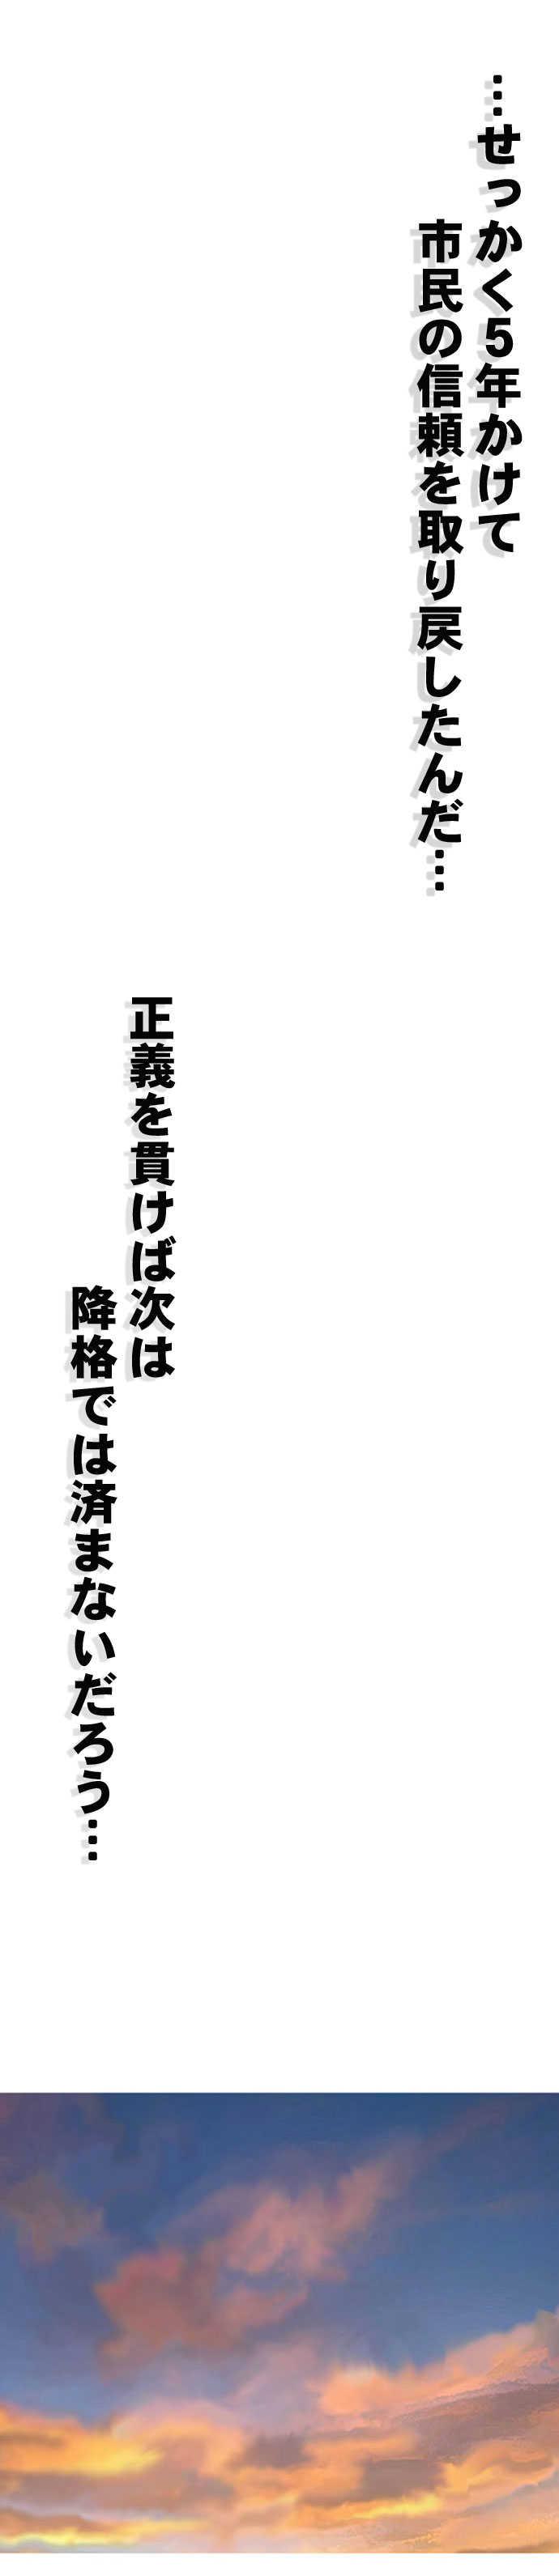 第十話 ランドヤード警部の降格(前篇)